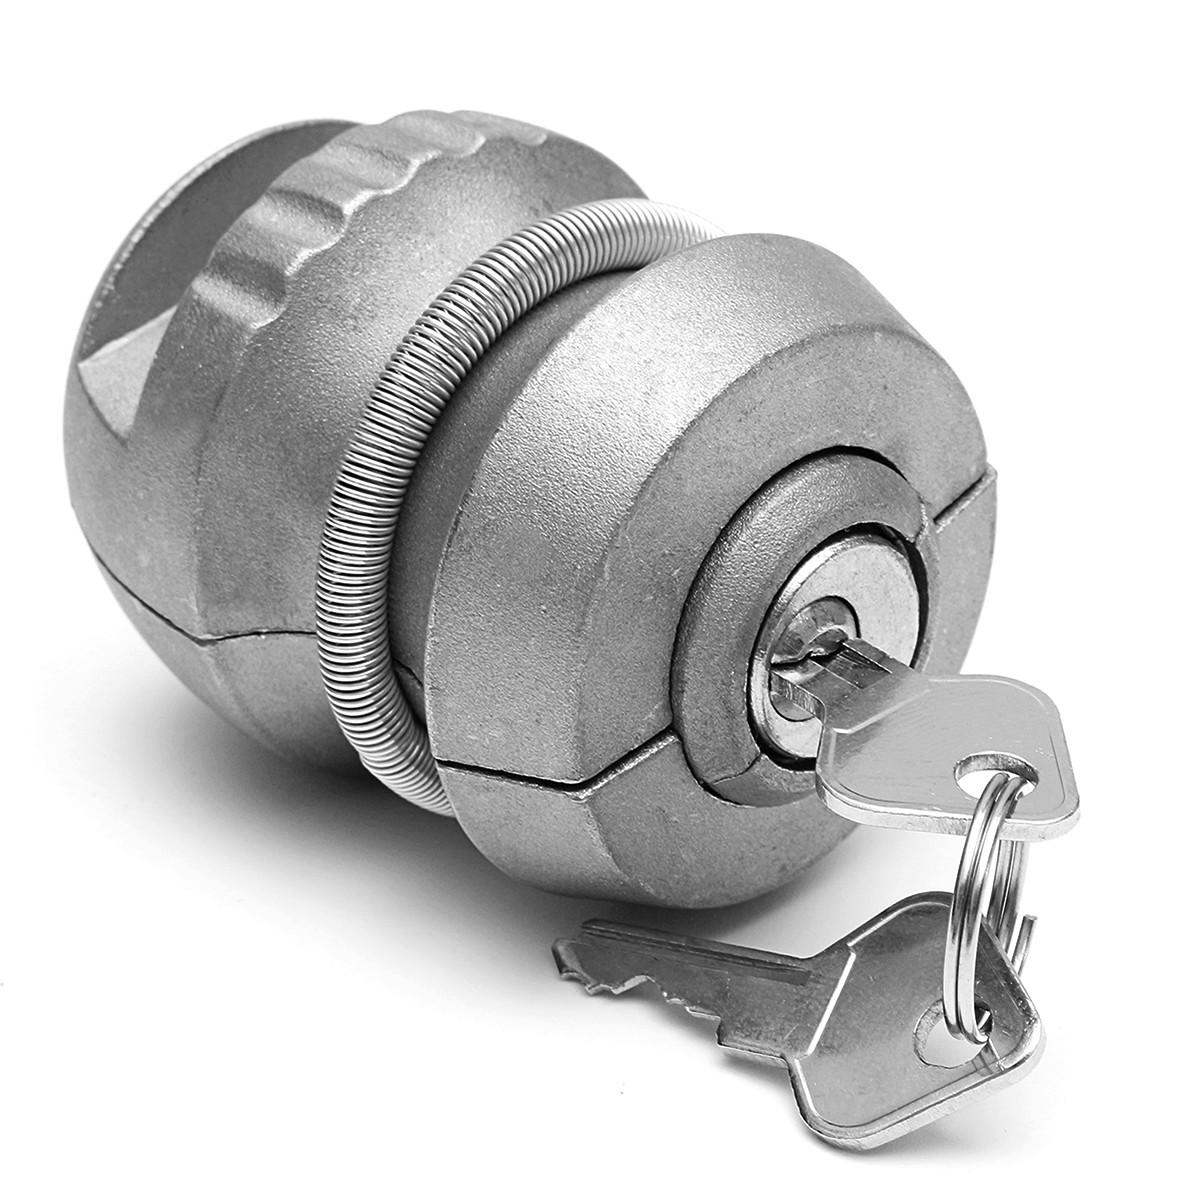 Вставное сцепное устройство прицепного устройства сцепного устройства прицепного устройства Замок для безопасности - 1TopShop